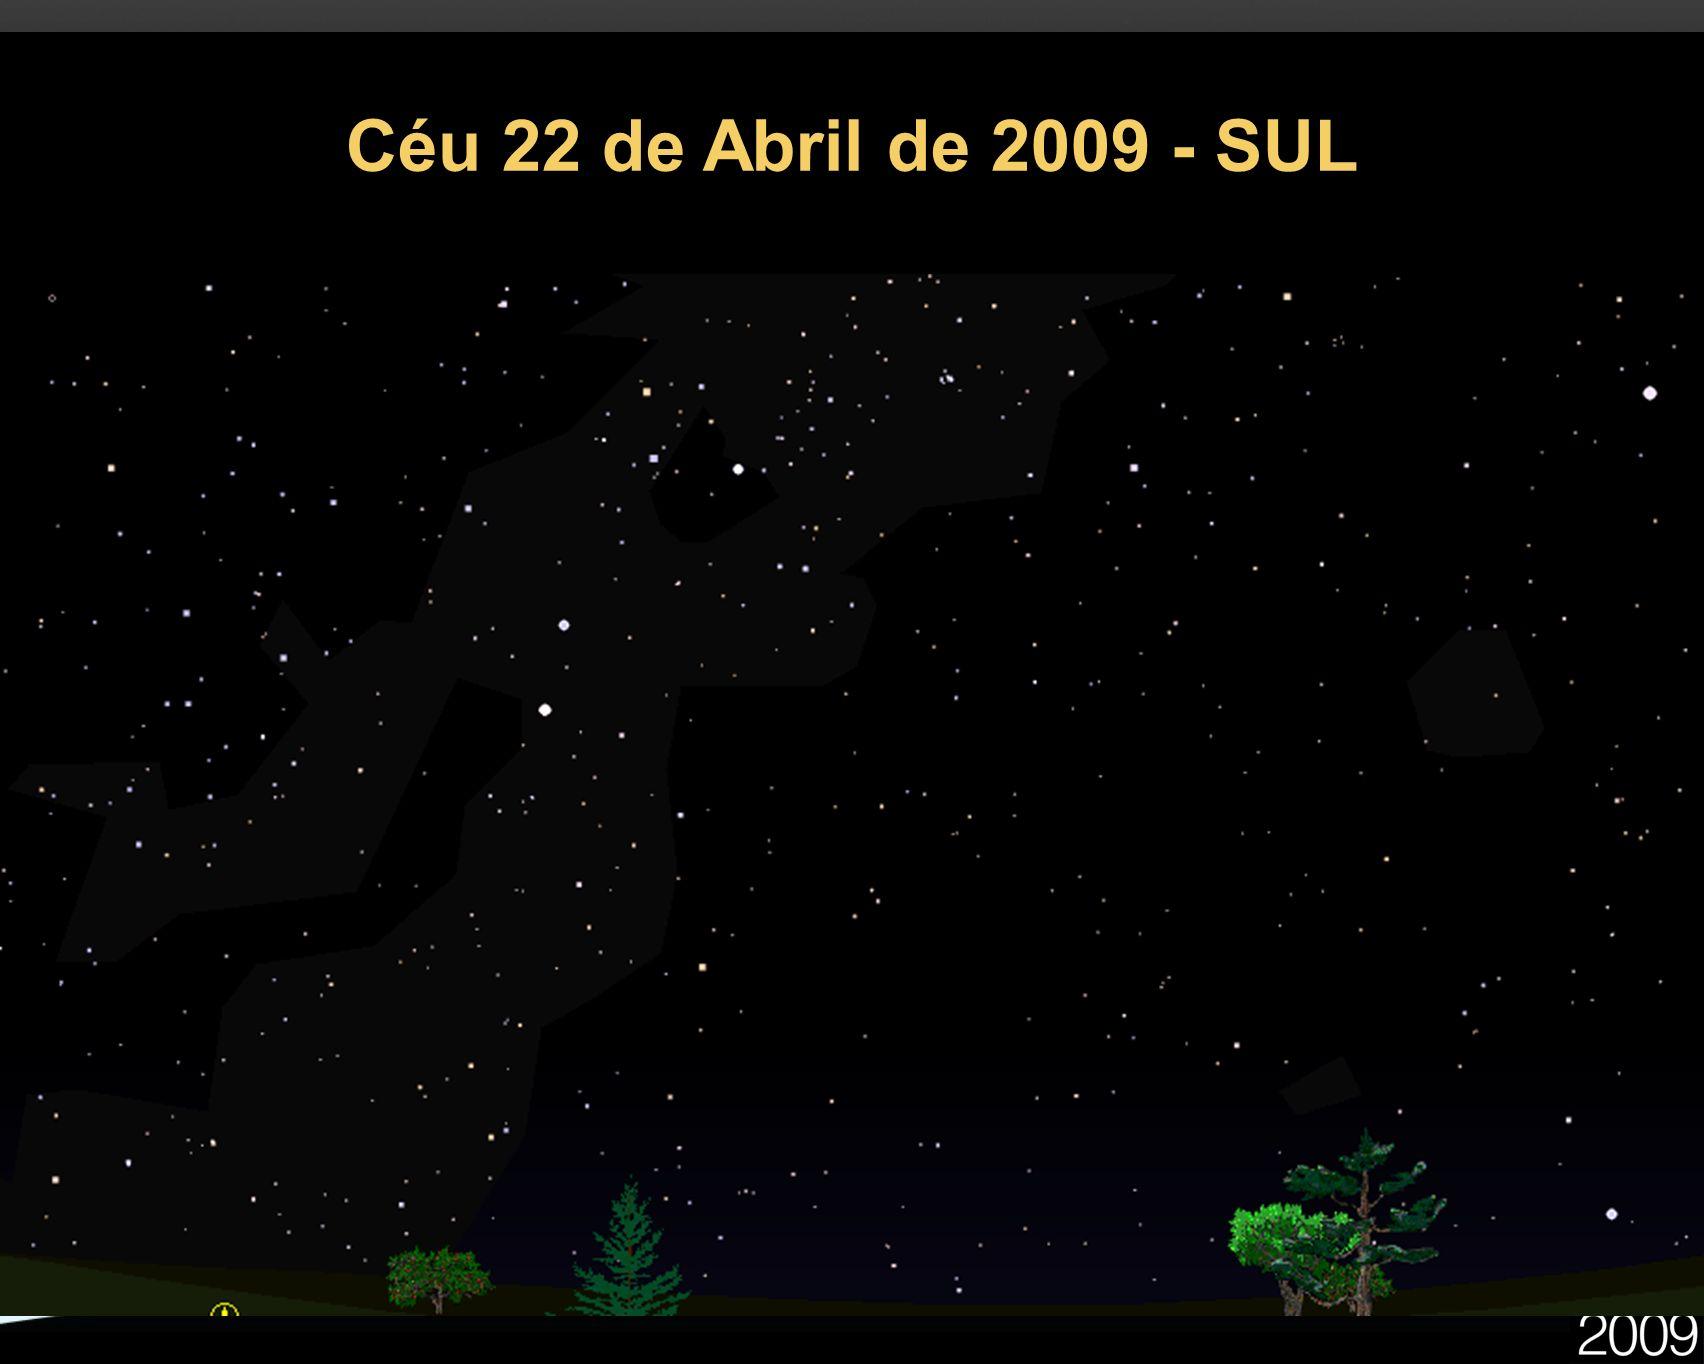 Céu 22 de Abril de 2009 - SUL 27